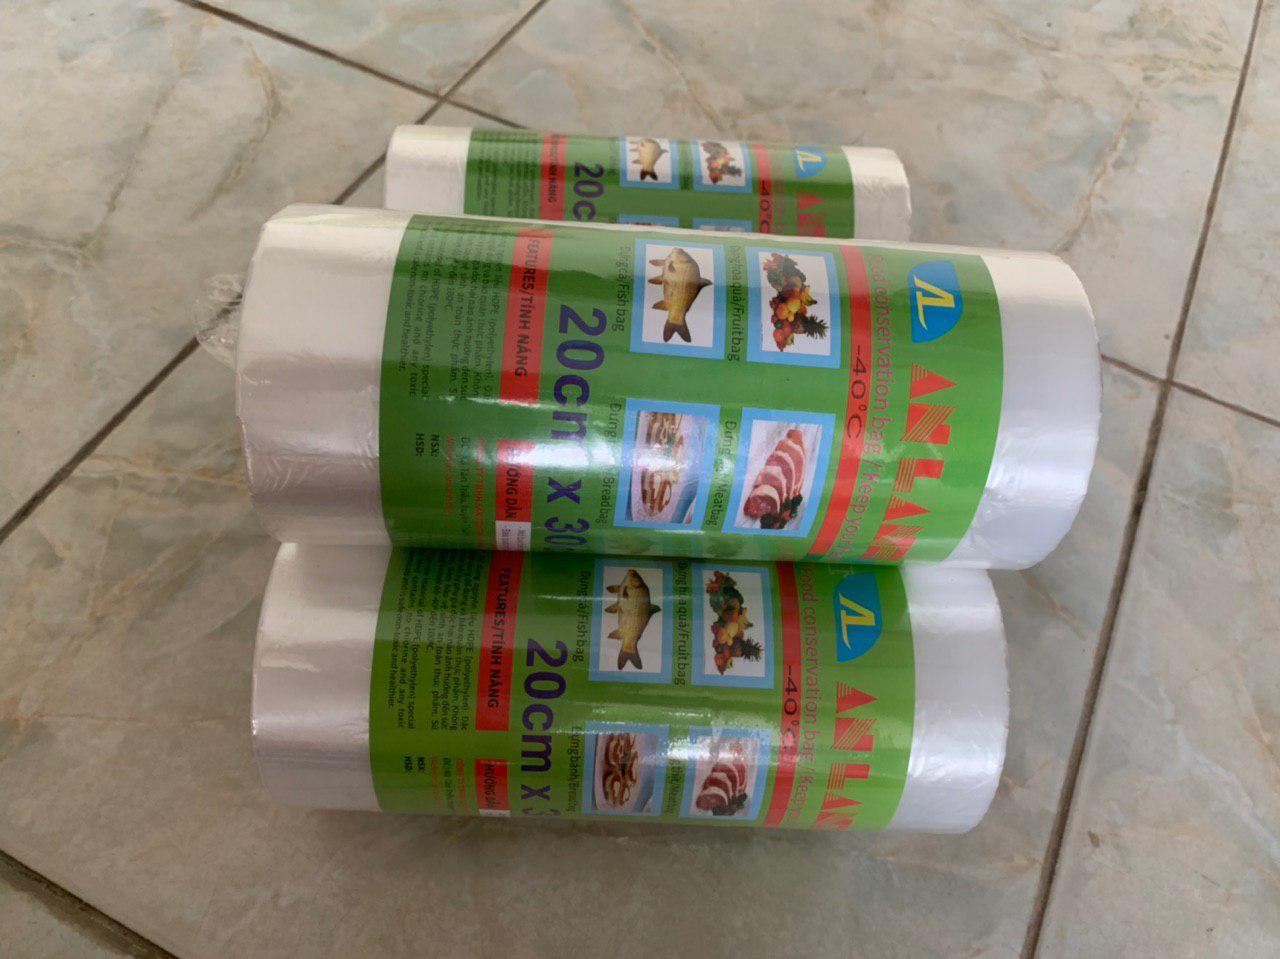 Túi đựng thực phẩm tự hủy sinh học An Lành 20x30cmx1kg